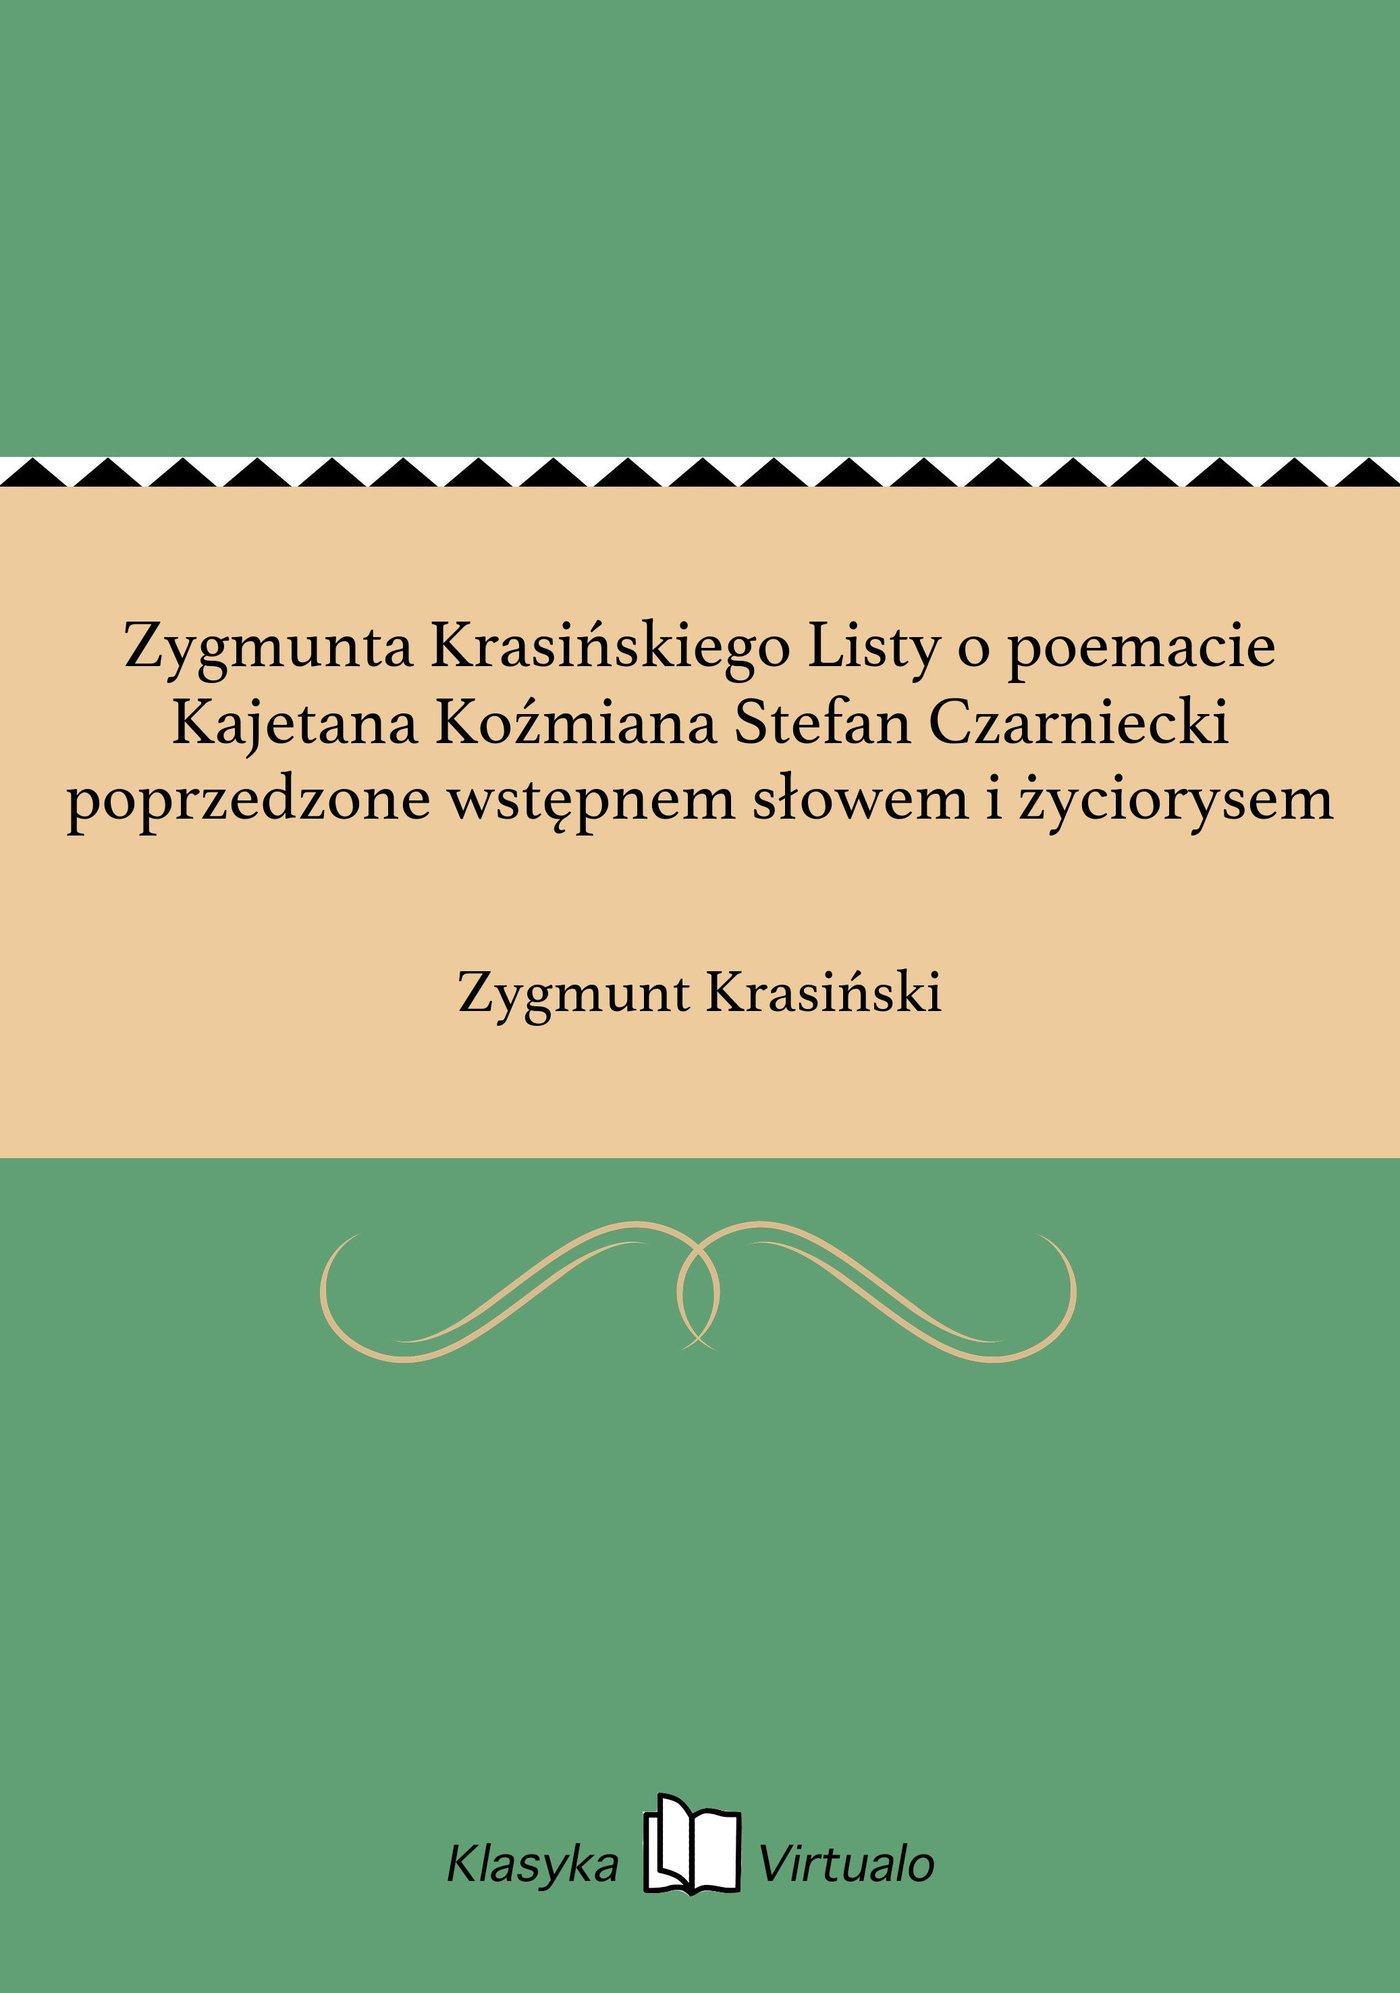 Zygmunta Krasińskiego Listy o poemacie Kajetana Koźmiana Stefan Czarniecki poprzedzone wstępnem słowem i życiorysem - Ebook (Książka na Kindle) do pobrania w formacie MOBI